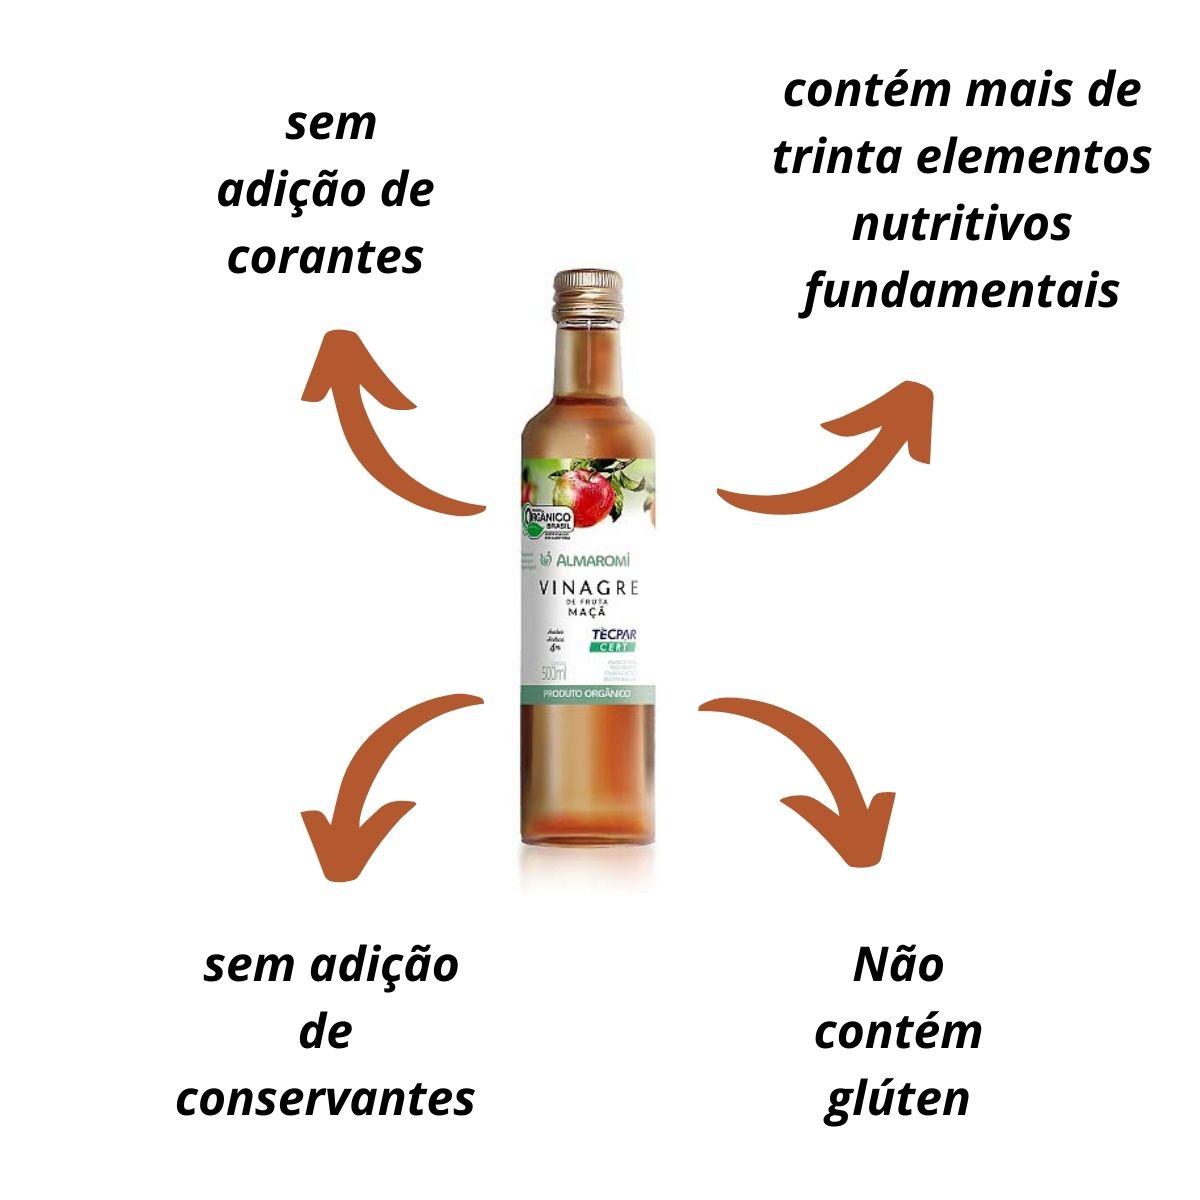 Kit 2 Vinagre orgânico maçã 500ml - Almaromi